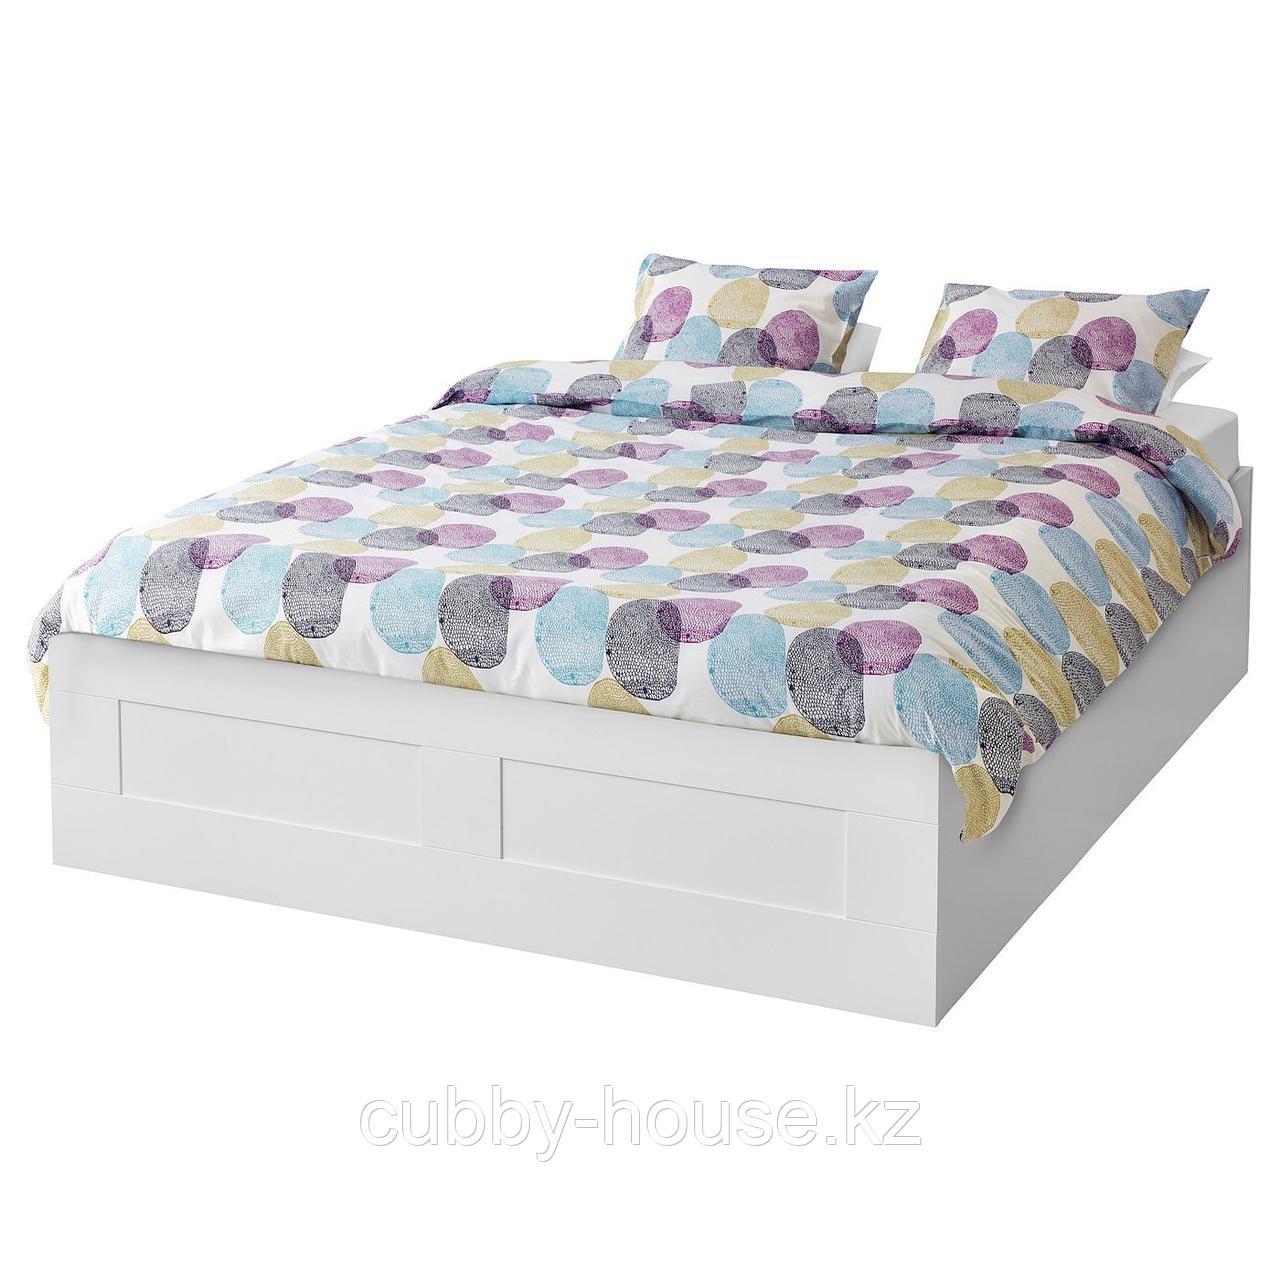 BRIMNES БРИМНЭС Кровать с подъемным механизмом, белый160x200 см